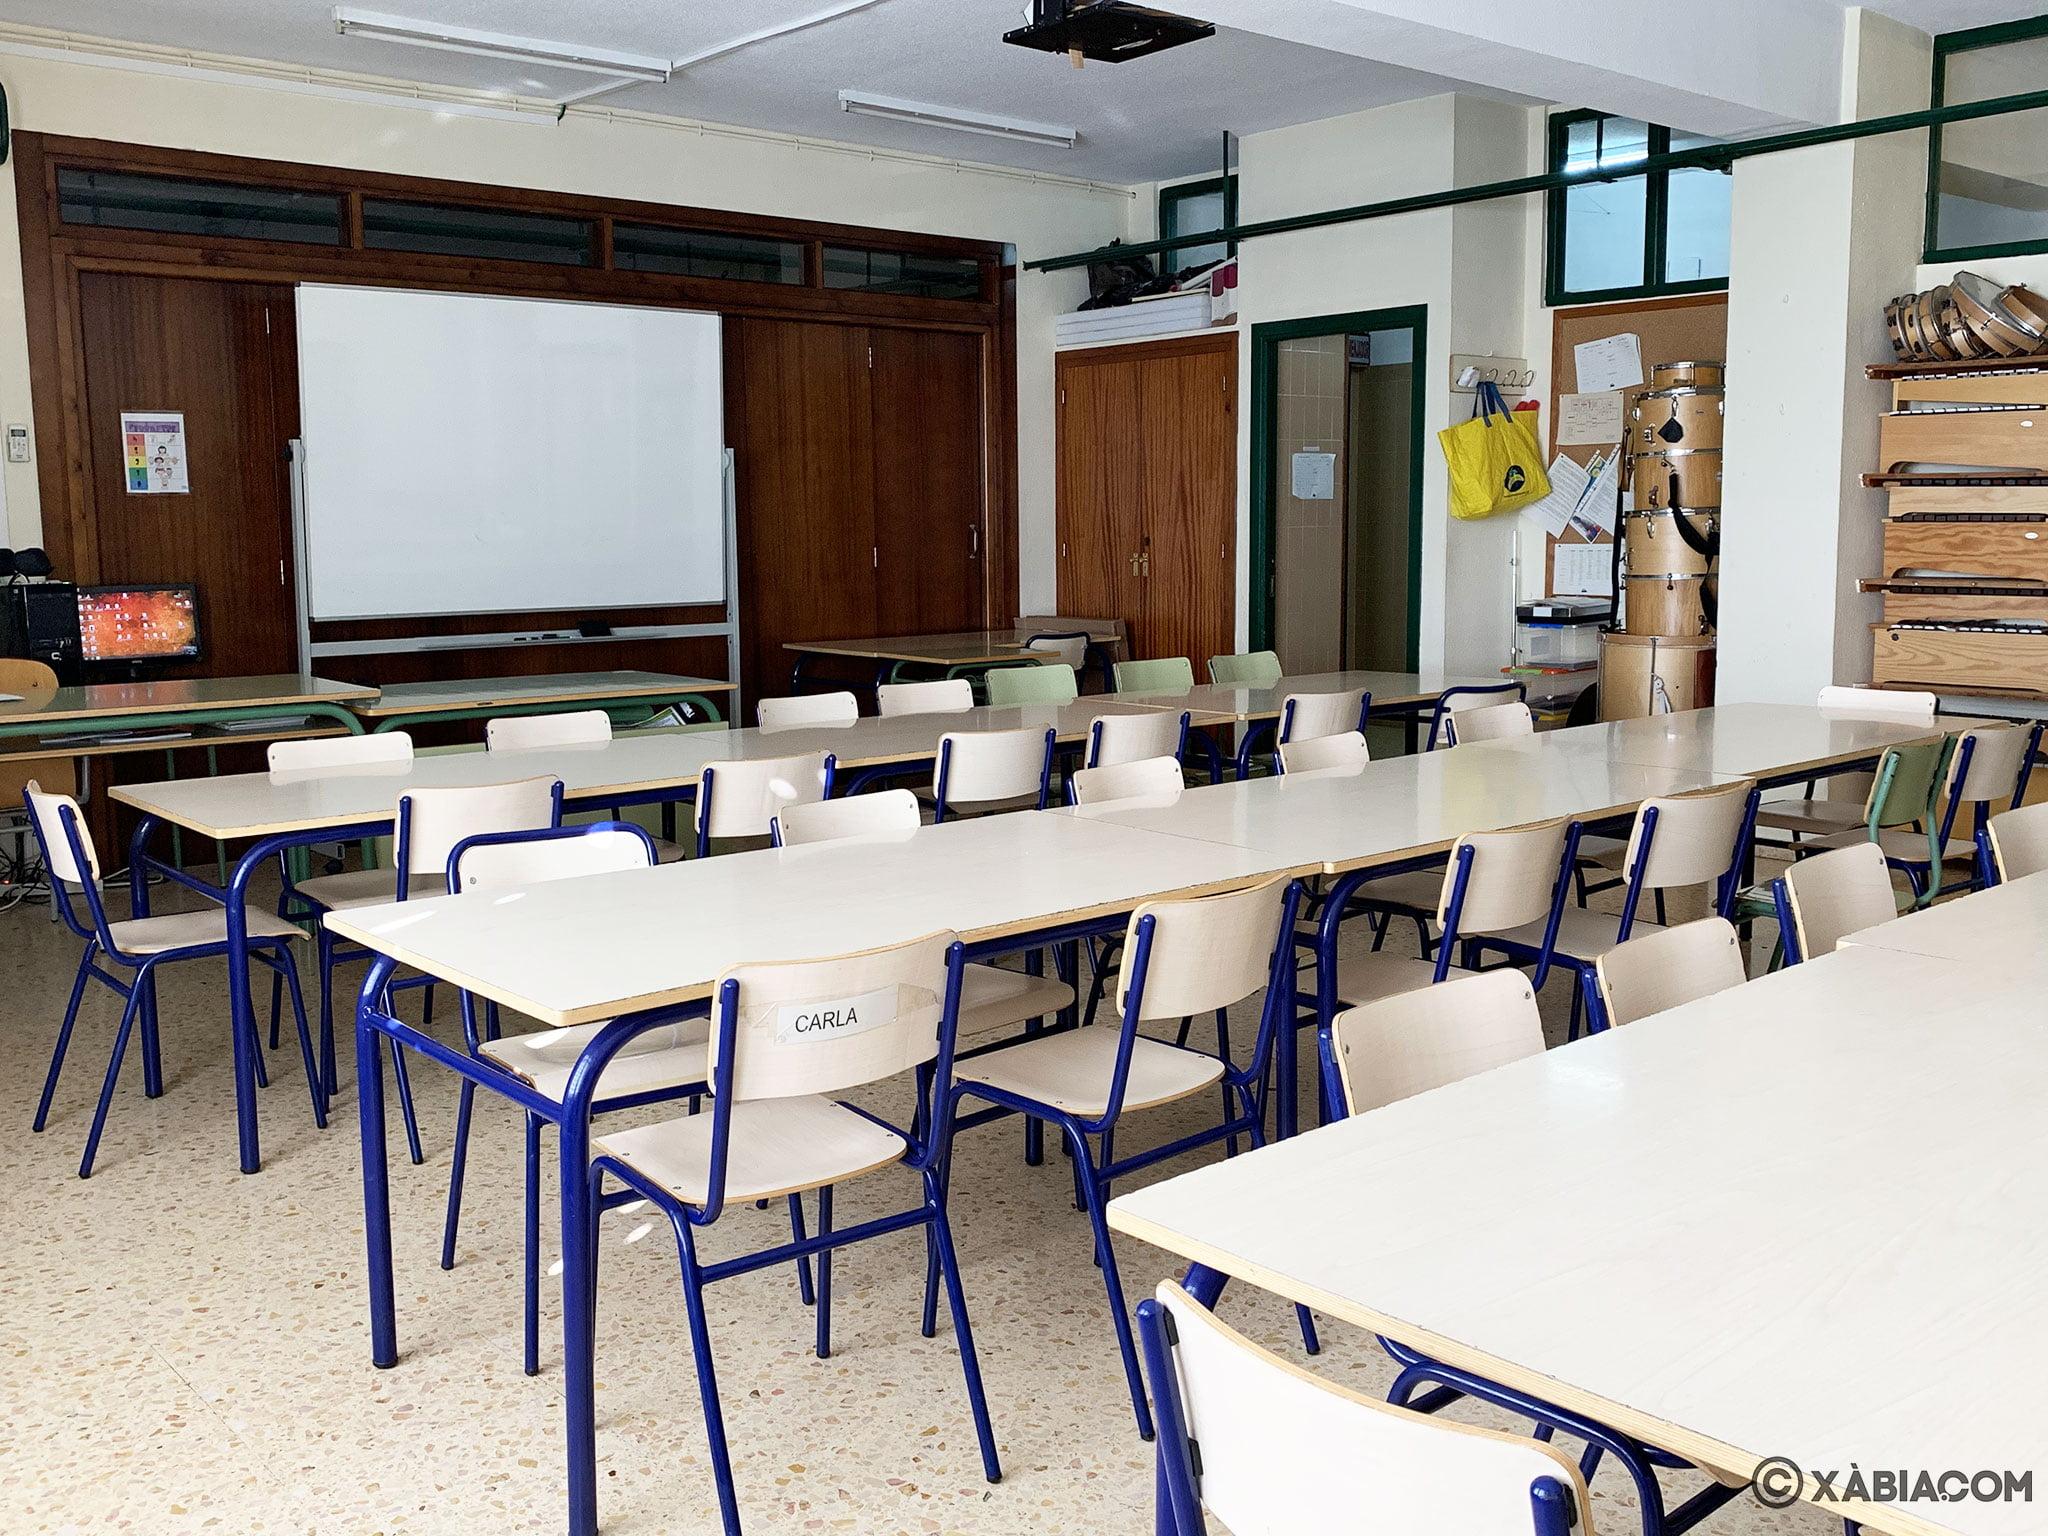 Vista general de un aula por dentro en el CEIP Trenc d'Alba de Xàbia